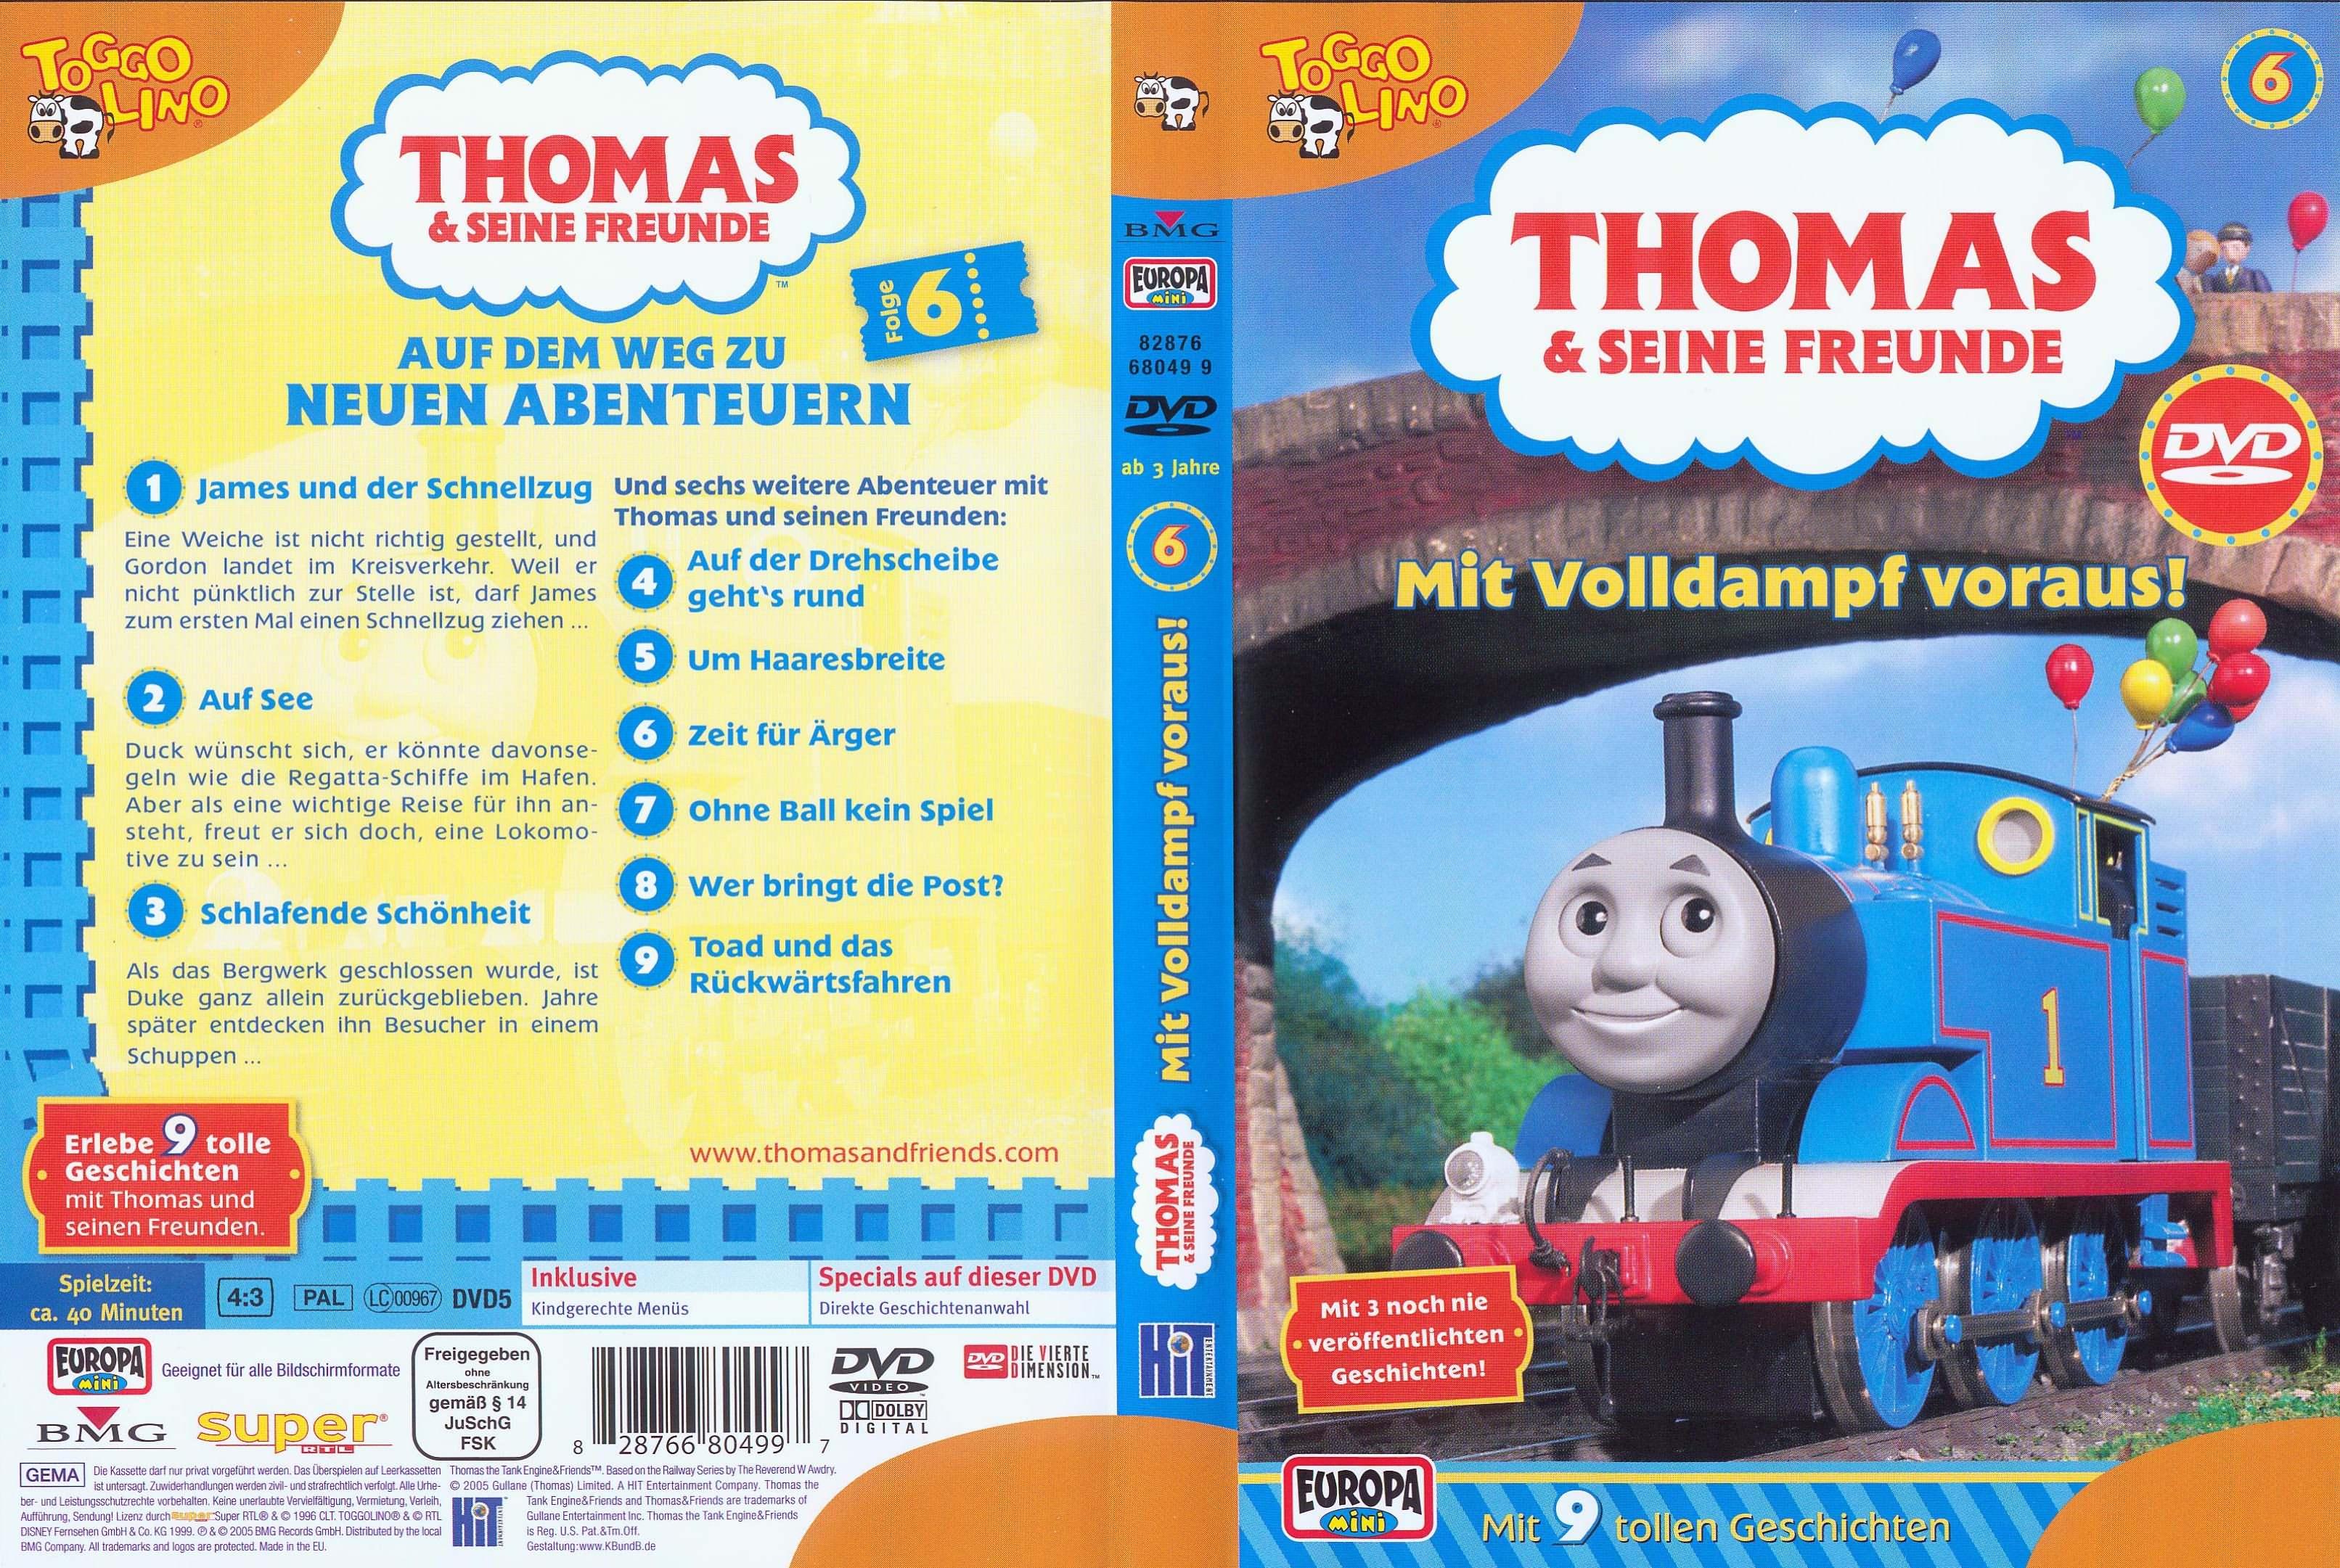 thomas und seine freunde online spiele